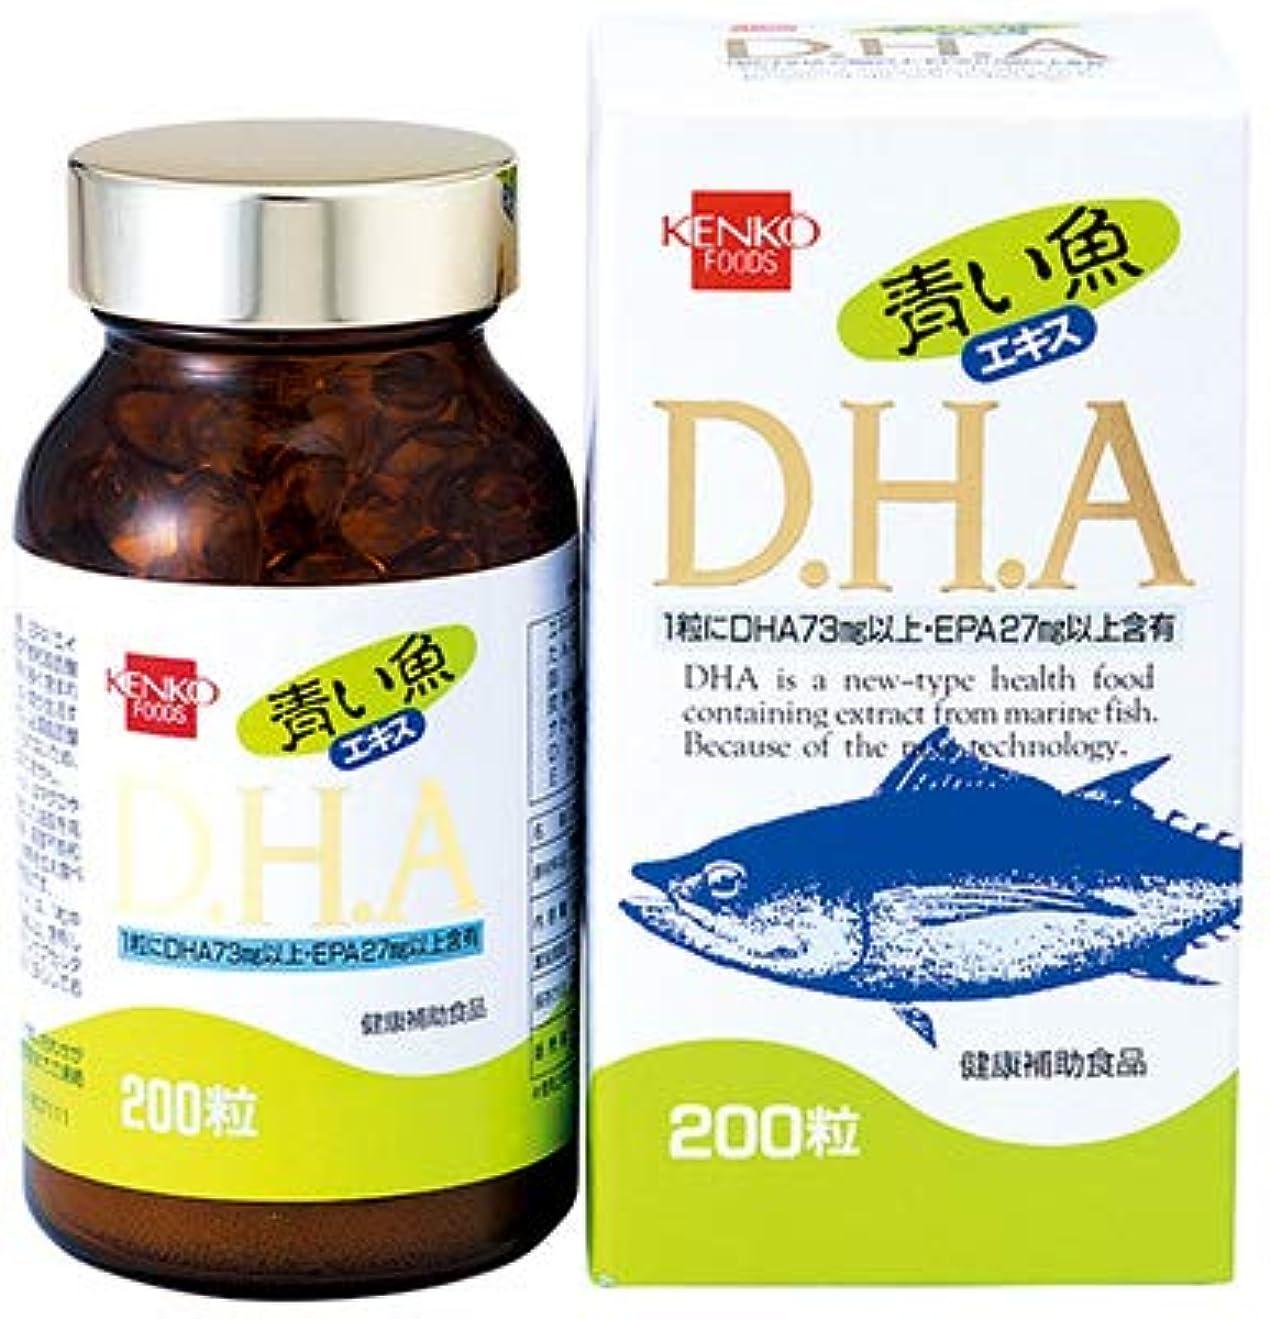 始めるピケニュージーランド青い魚エキスDHA【3本セット】健康フーズ